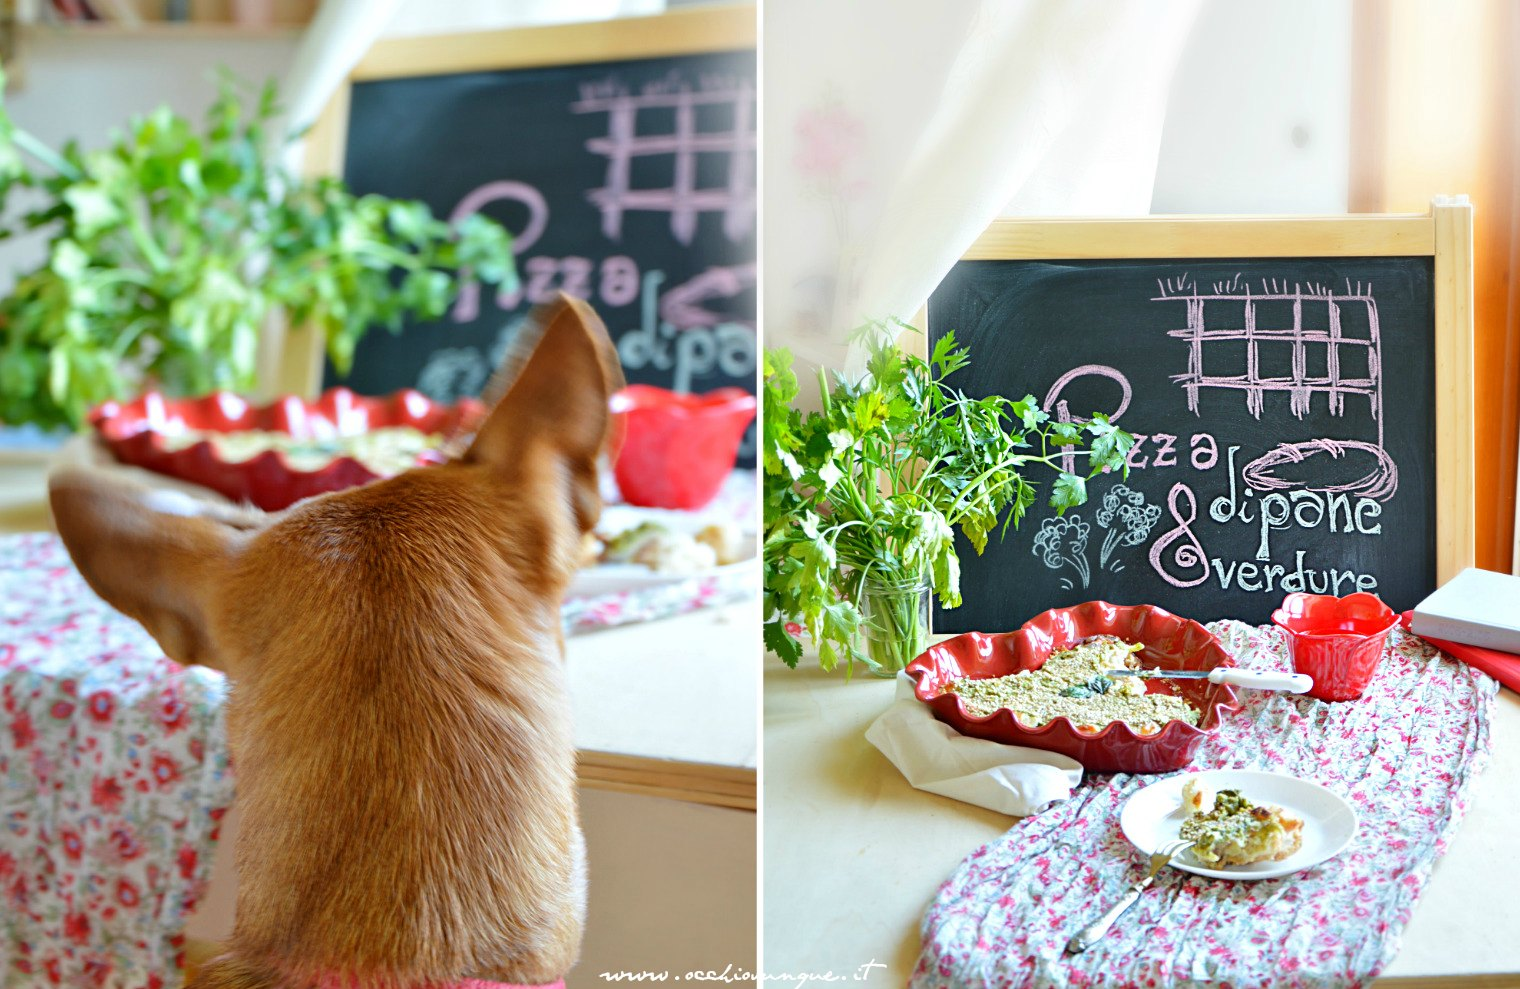 torta_di_pane_verdure